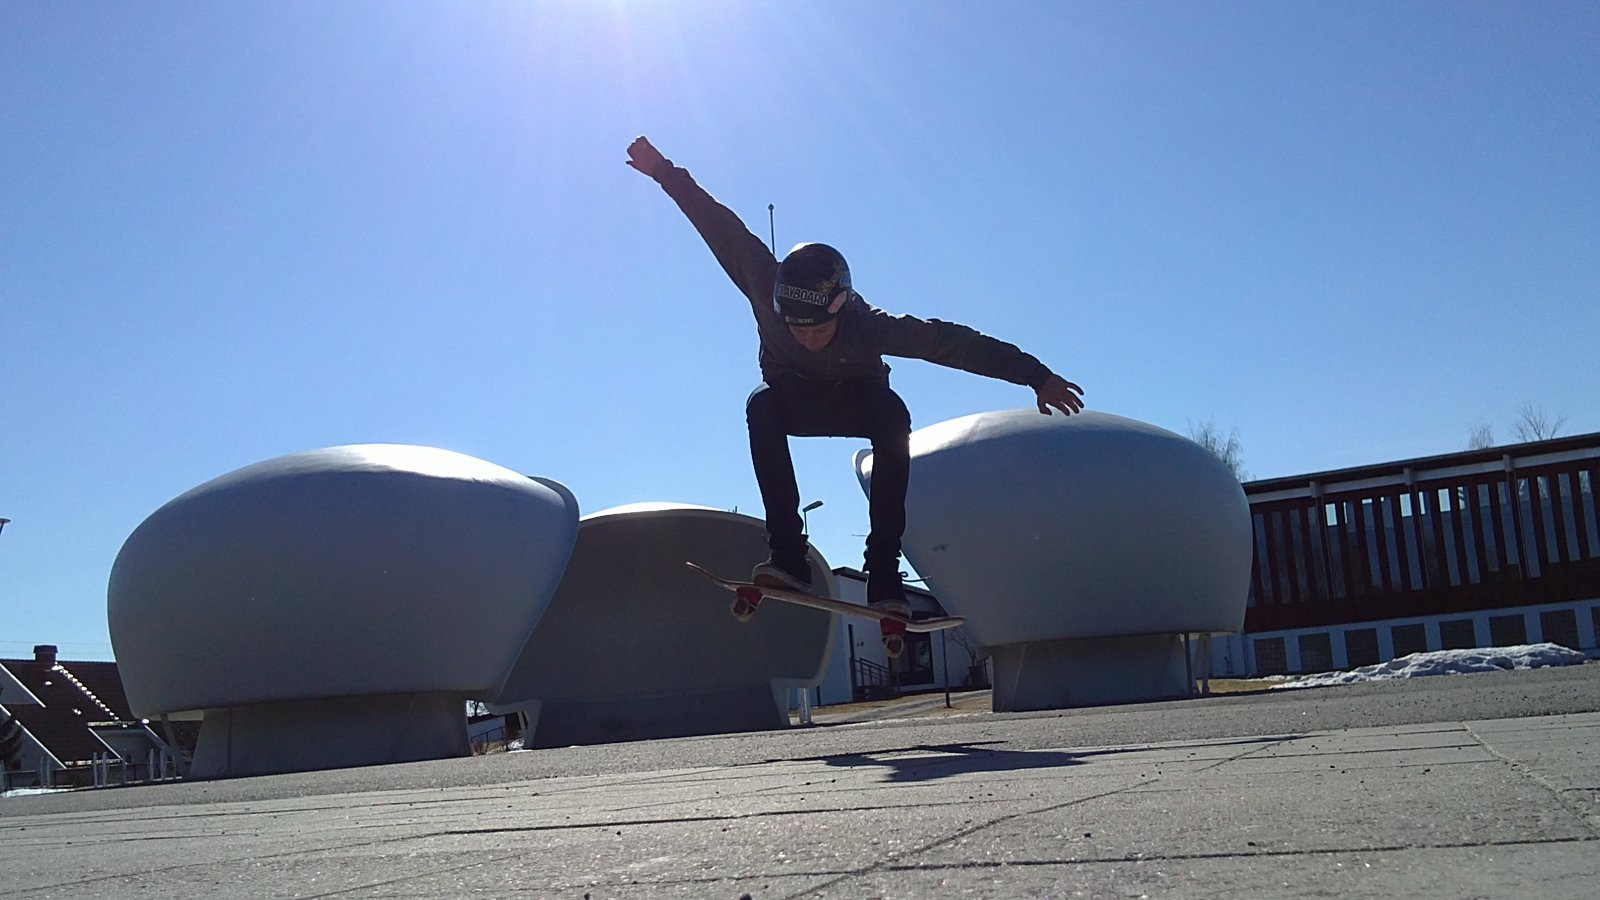 Spring skating